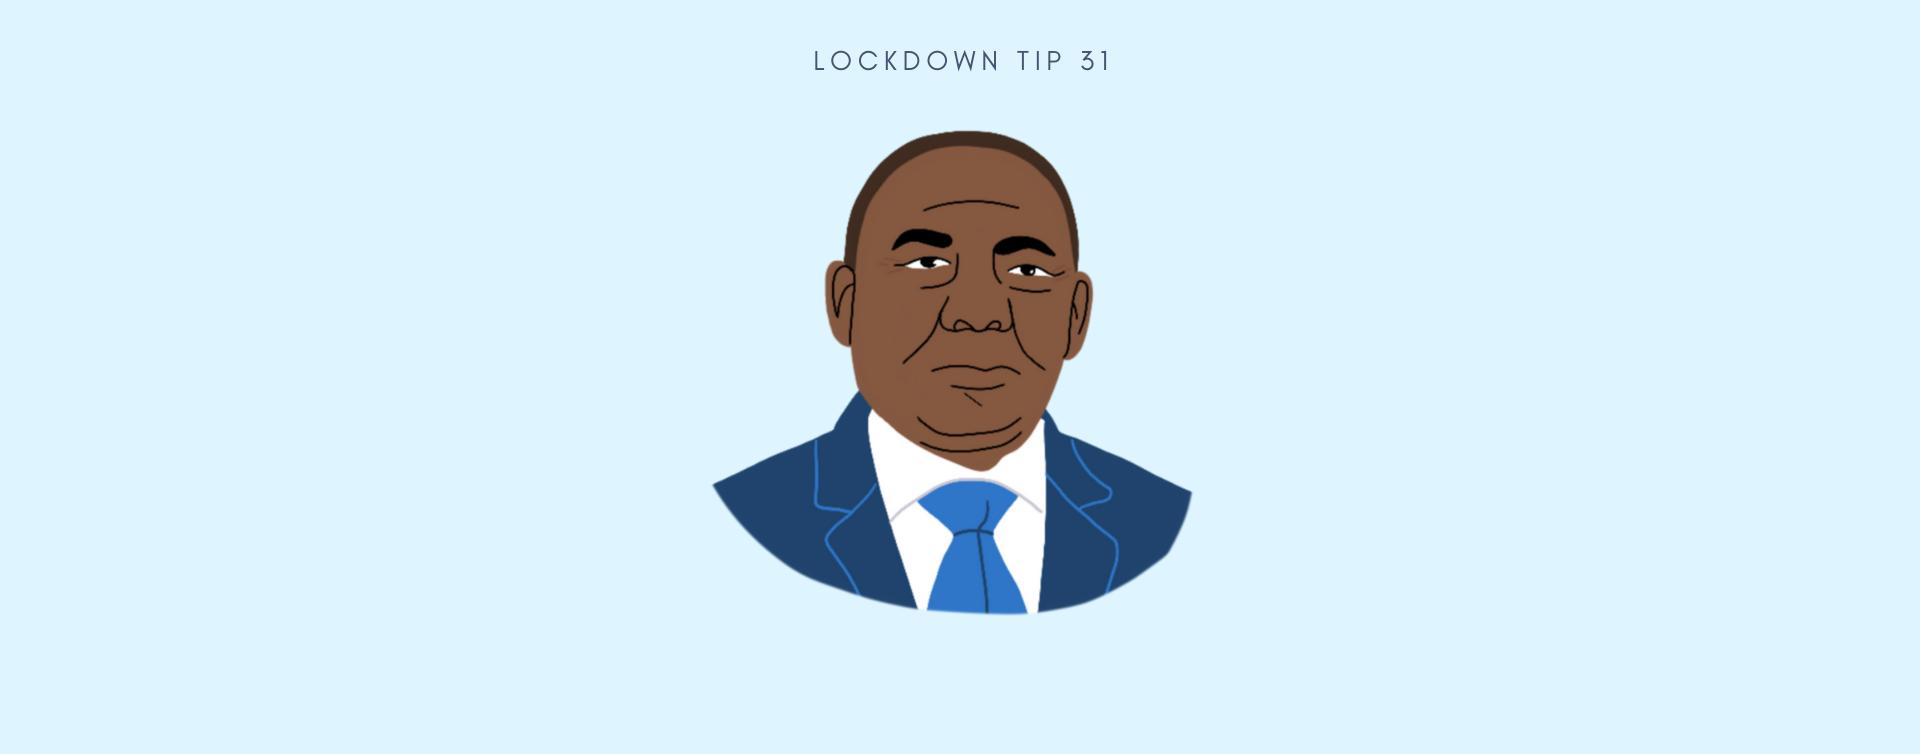 MCSA Lockdown Tip 31